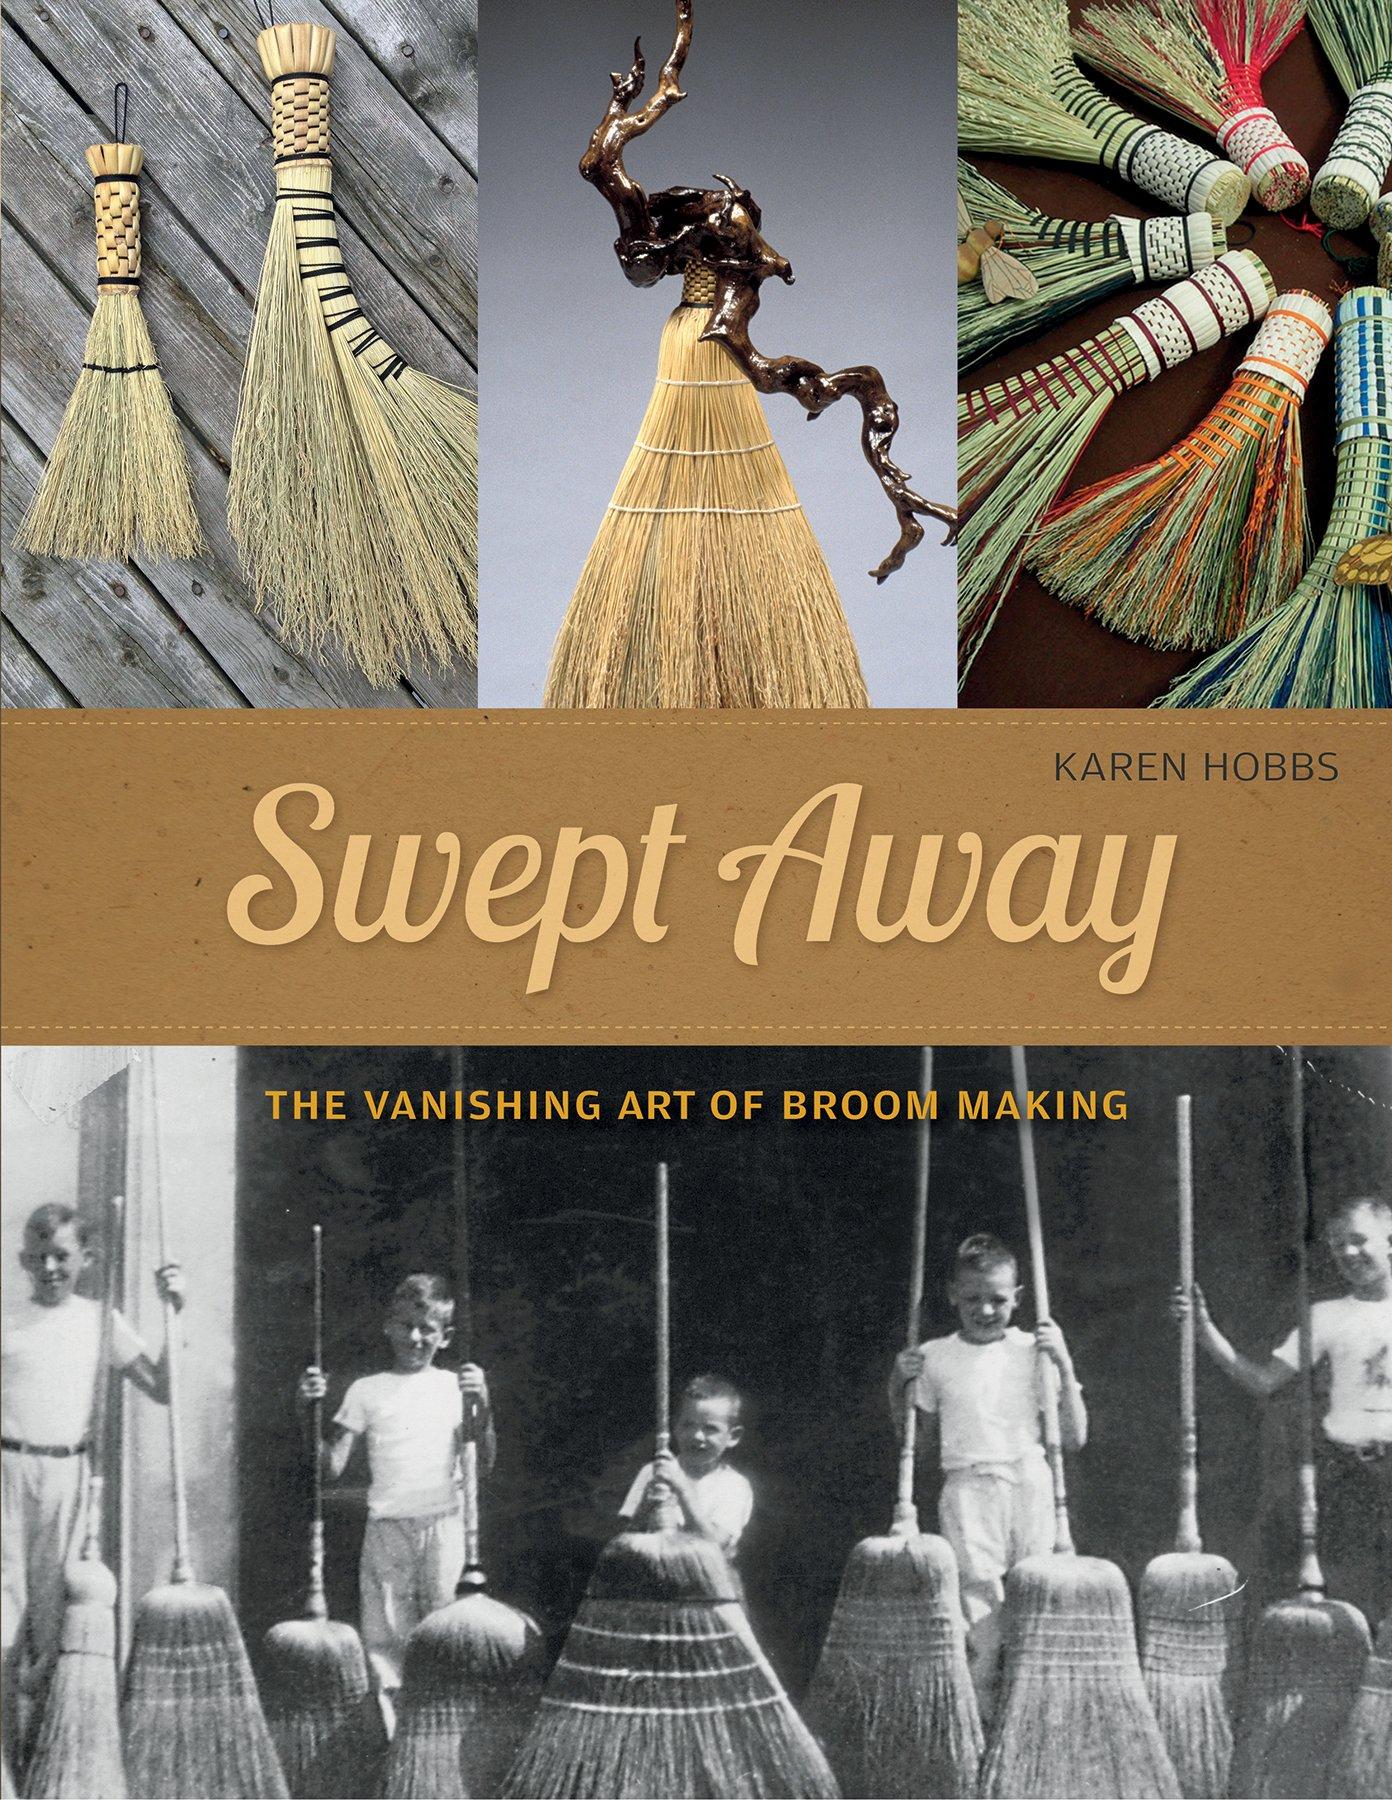 Amazon.com: Swept Away: The Vanishing Art of Broom Making (9780764354458):  Karen Hobbs: Books